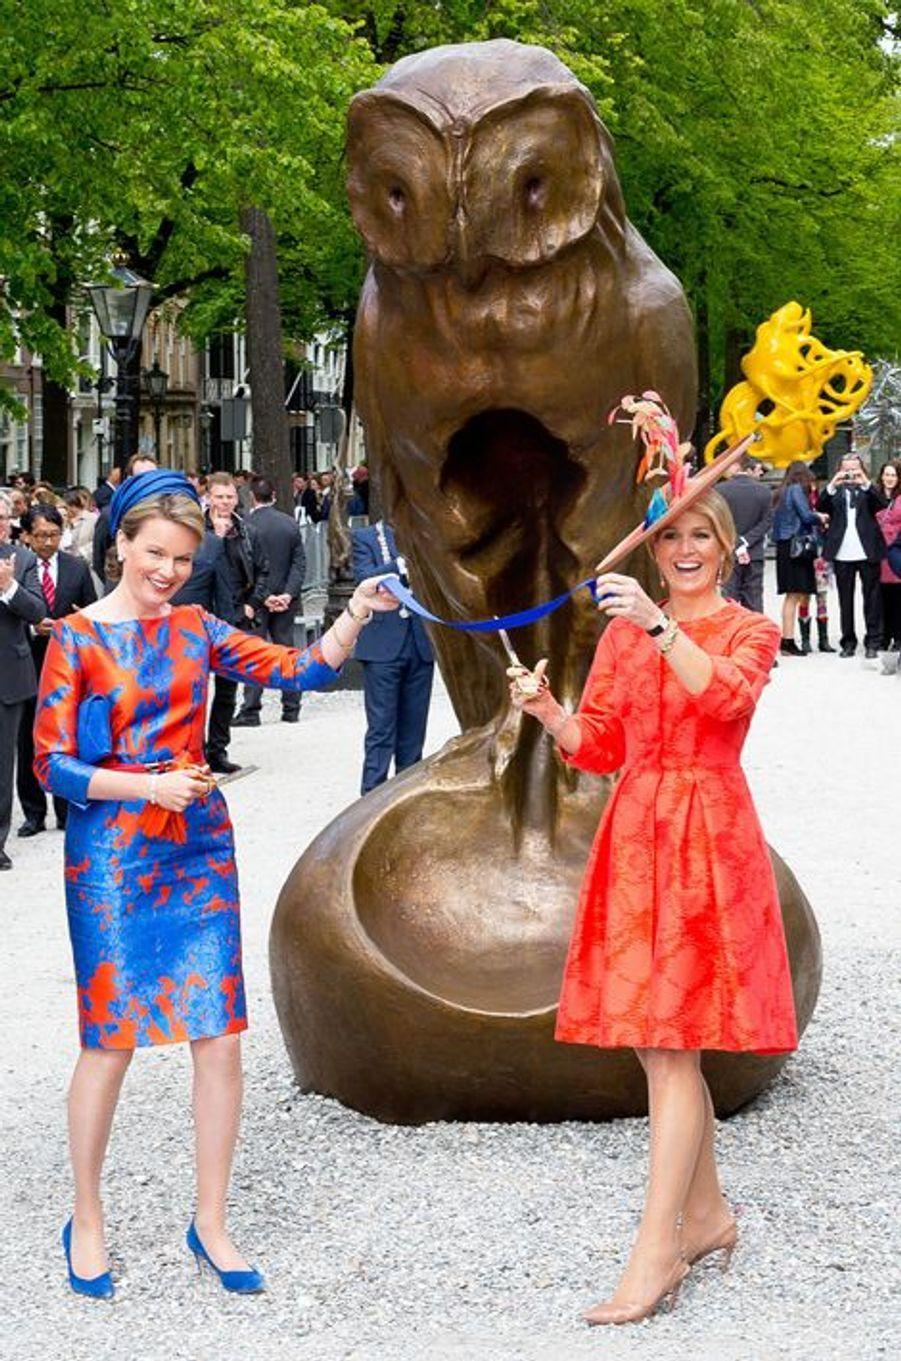 Ce mercredi 20 mai, la reine Maxima a invité Mathilde sur ses terres. Et c'est conjointement et dans la bonne humeur que la reine des Pays-Bas et celle de Belgique ont inauguré l'exposition d'art contemporain flamand «Vormidable» organisée par le Beelden aan Zee Museum de La Haye.Chaque dimanche, le Royal Blog de Paris Match vous propose de voir ou revoir les plus belles photographies de la semaine royale.